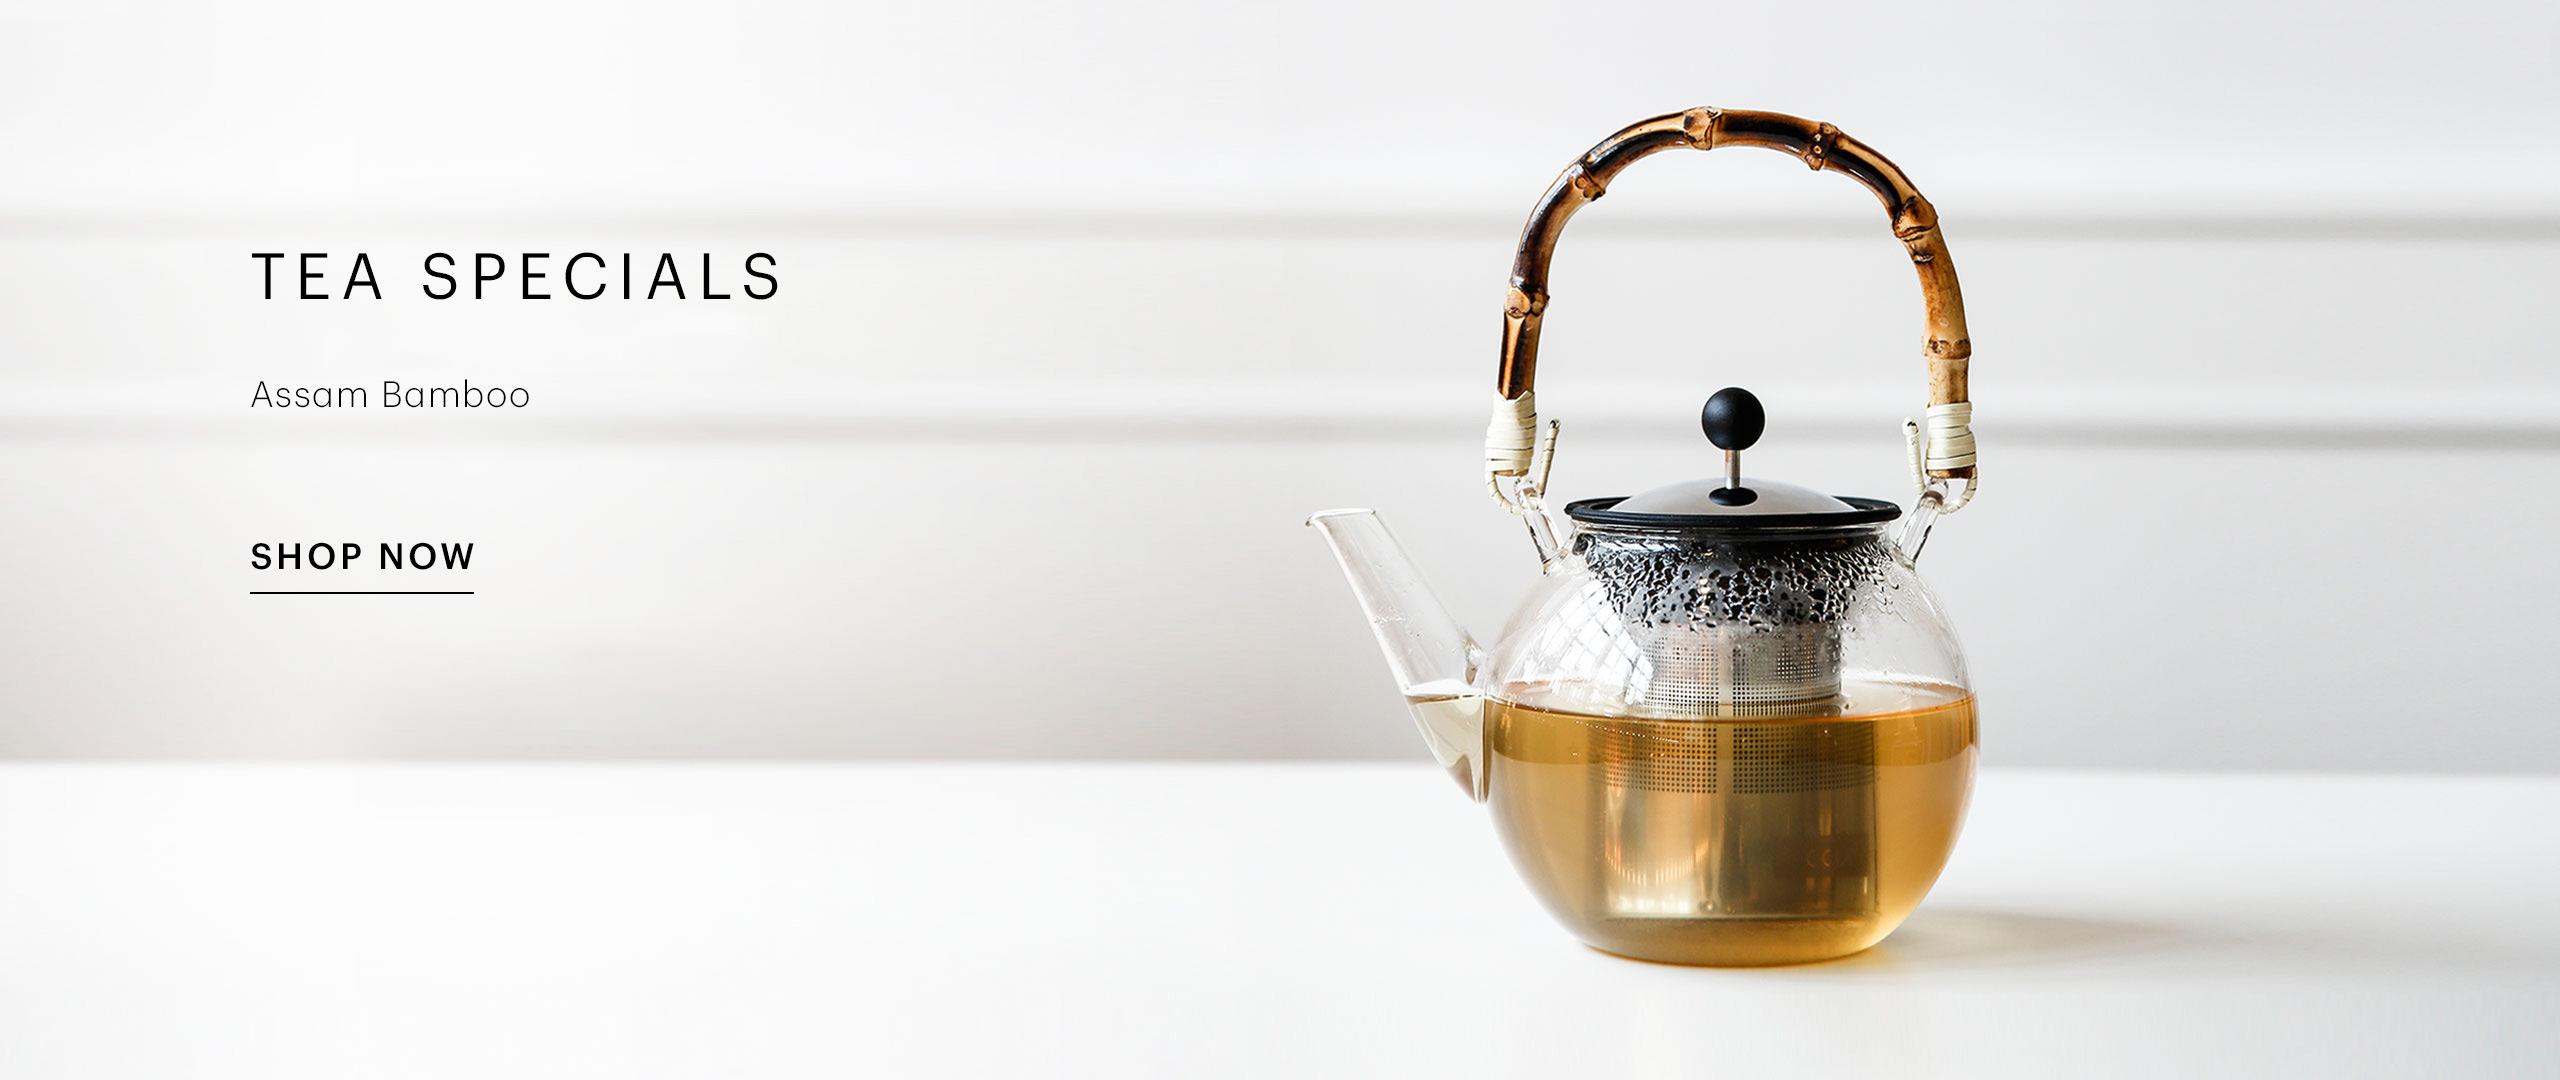 BEU - [EN] - Tea Specials